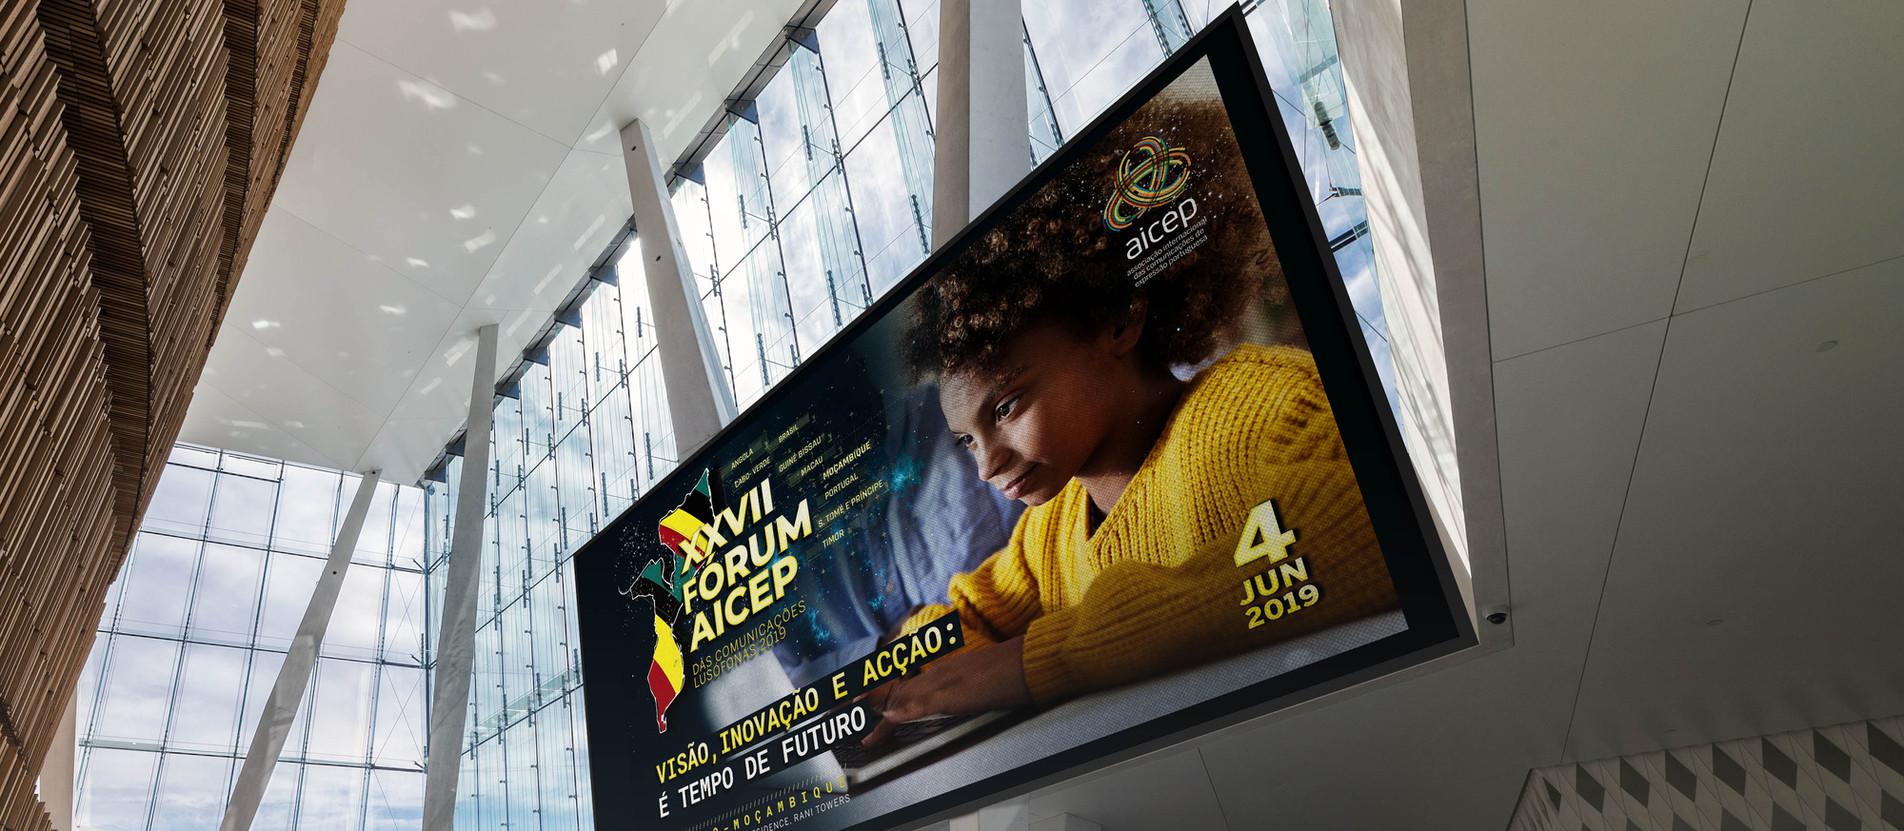 Eventos - Fórum AICEP Moçambique 2019